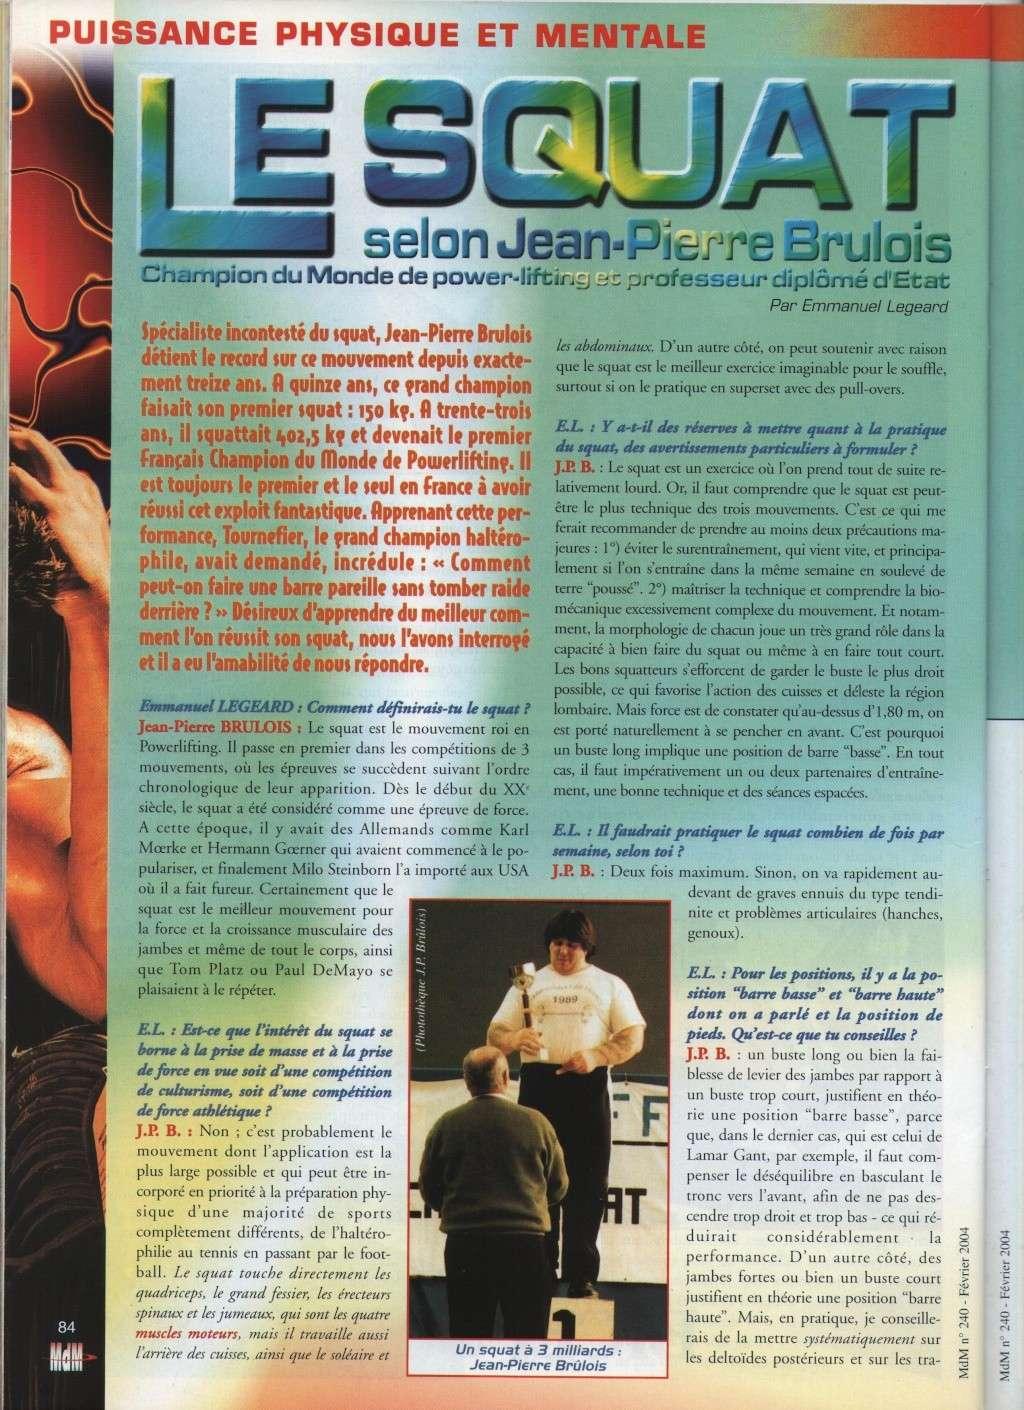 JEAN-PIERRE BRULOIS Jpb510